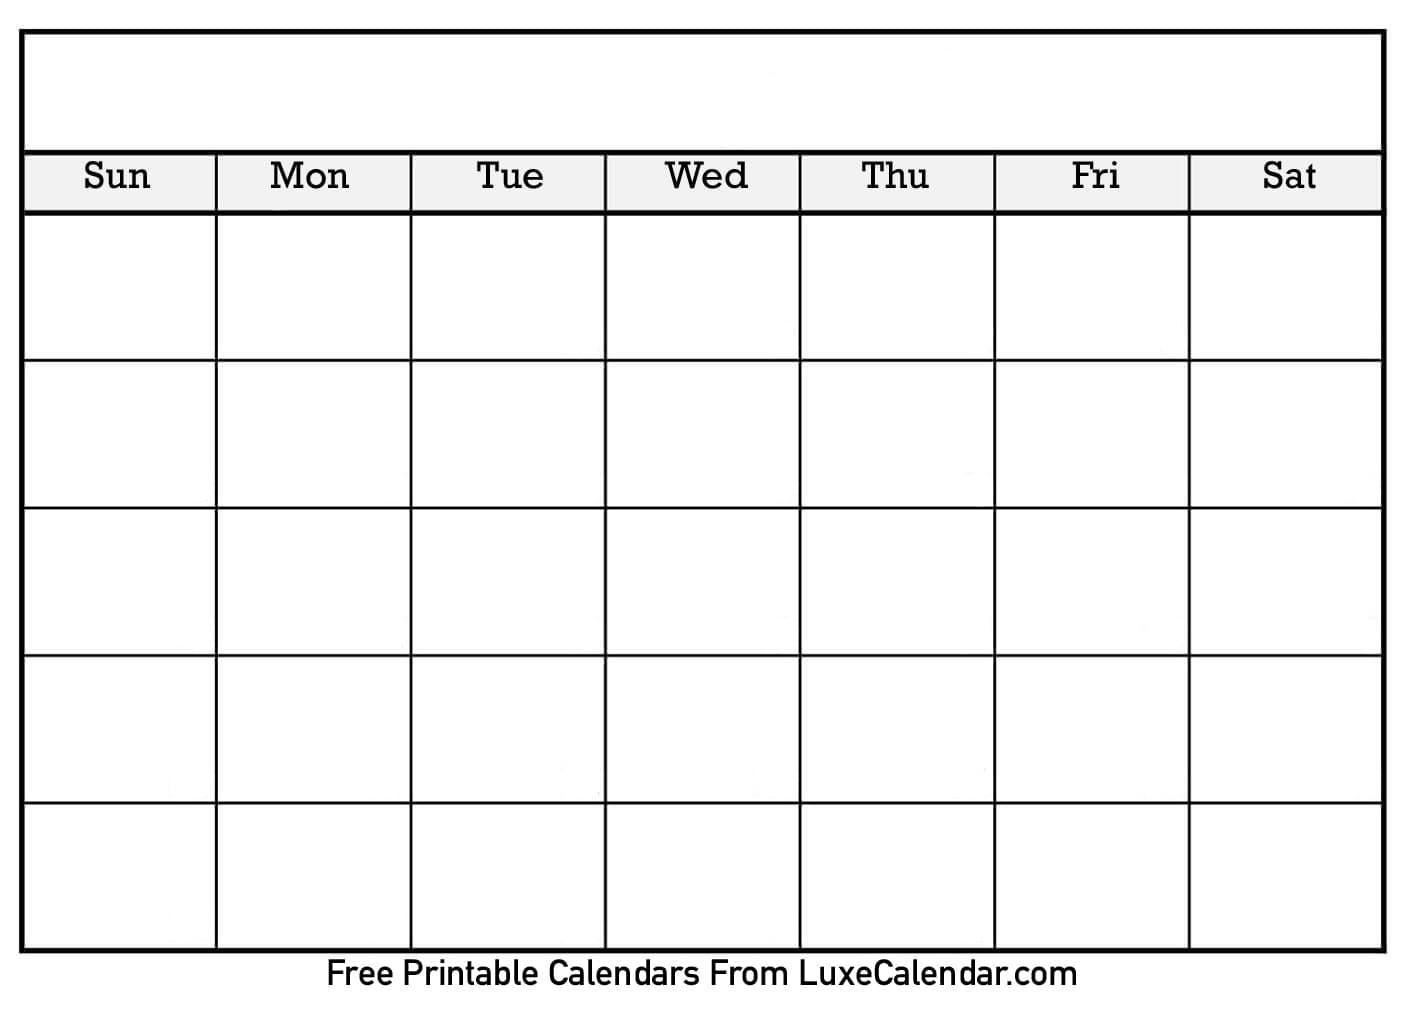 Blank Printable Calendar - Luxe Calendar within Blank Printable Calendar By Month With Notes